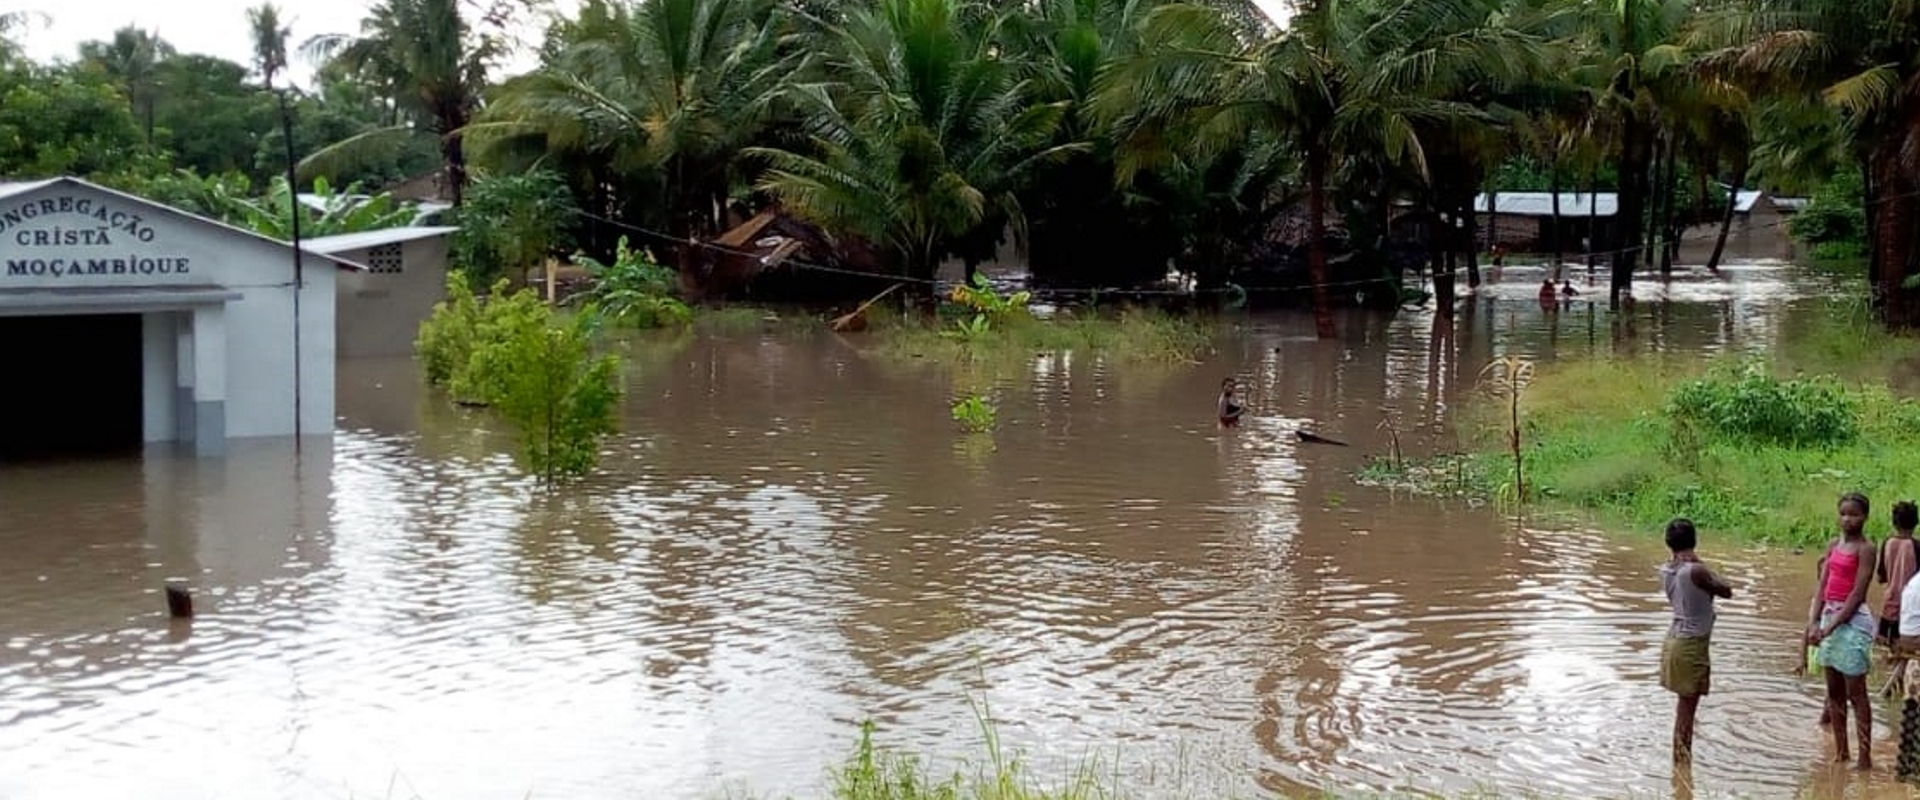 inondazioni mozambico mani tese 2019 cover